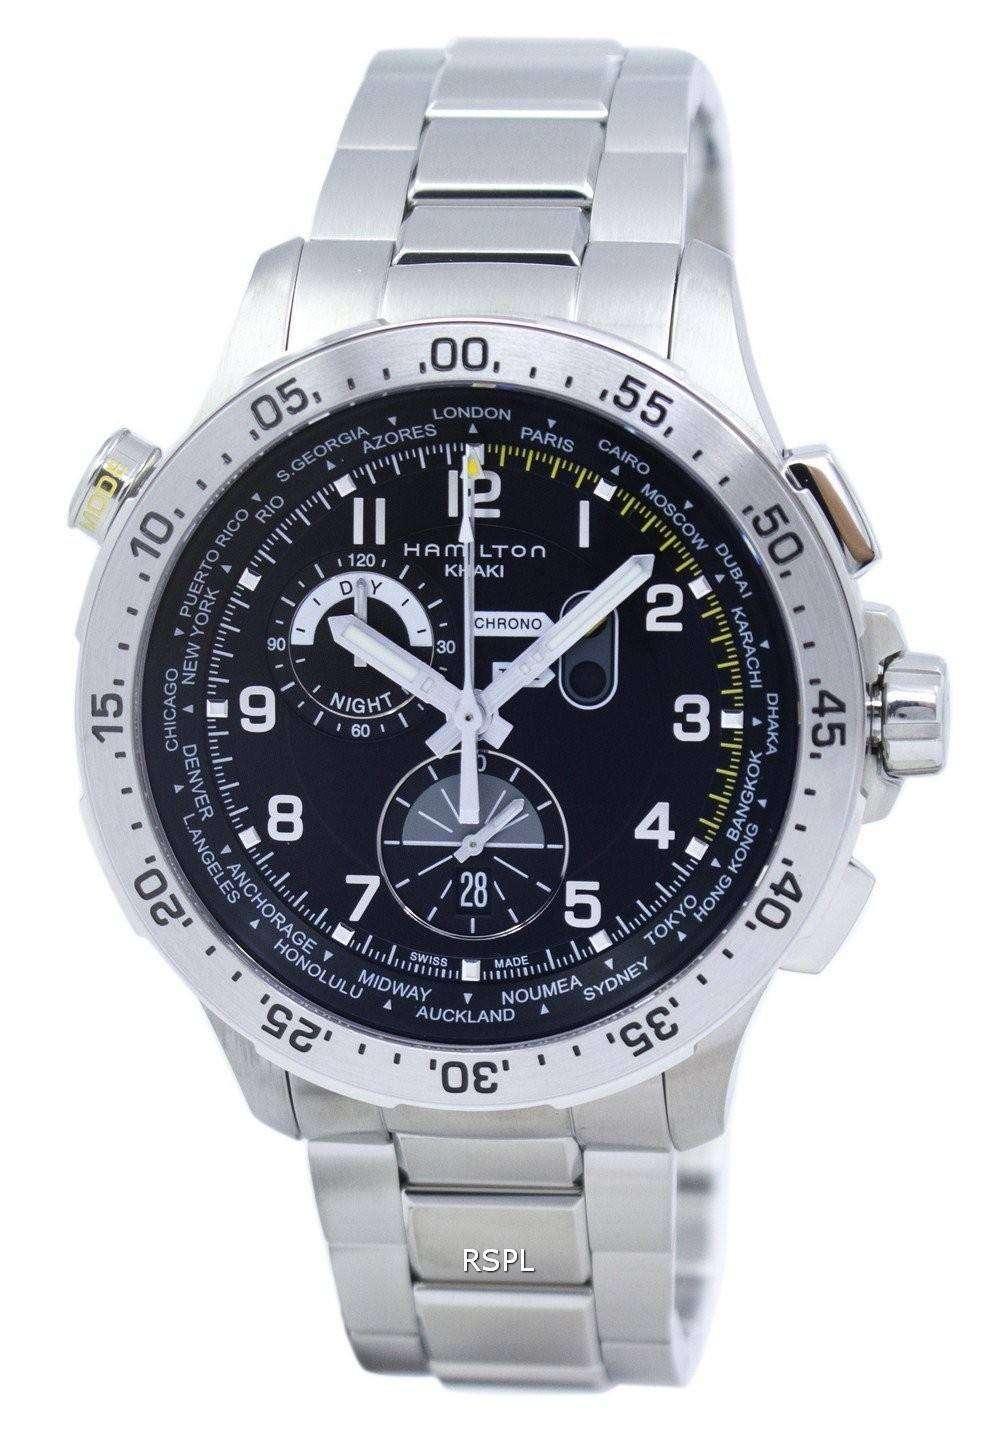 ハミルトン カーキ アヴィエイション ワールドタイマー クロノグラフ クォーツ H76714135 メンズ腕時計